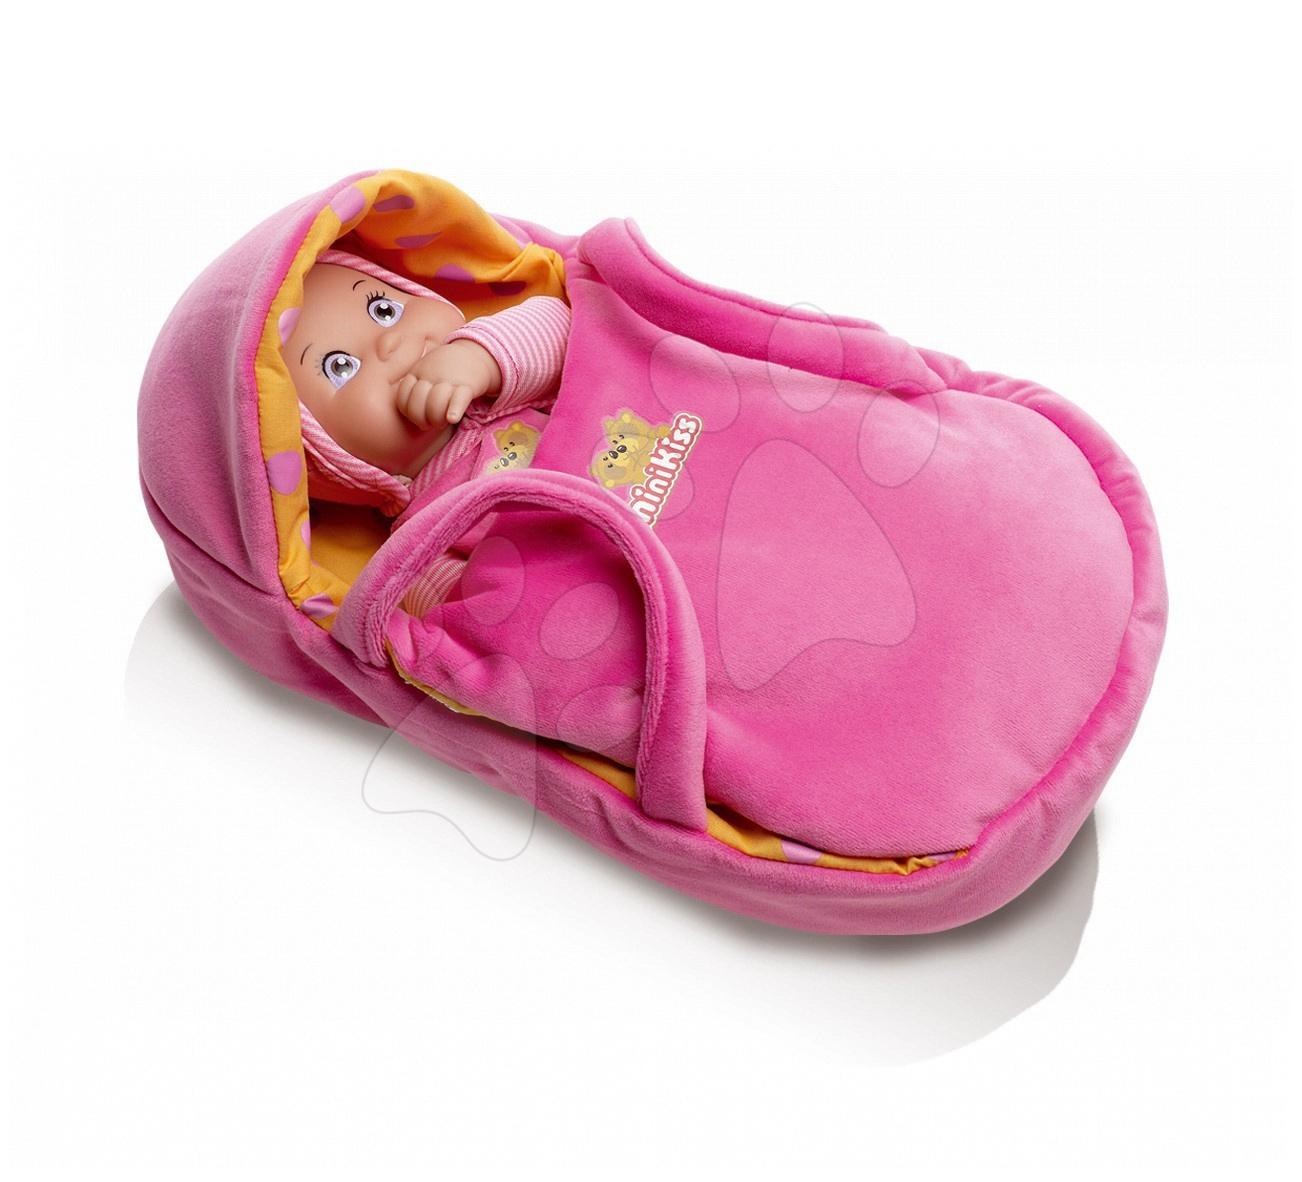 Babahordozó Minikiss Smoby 27 cm-es babákhoz 12 hó-tól